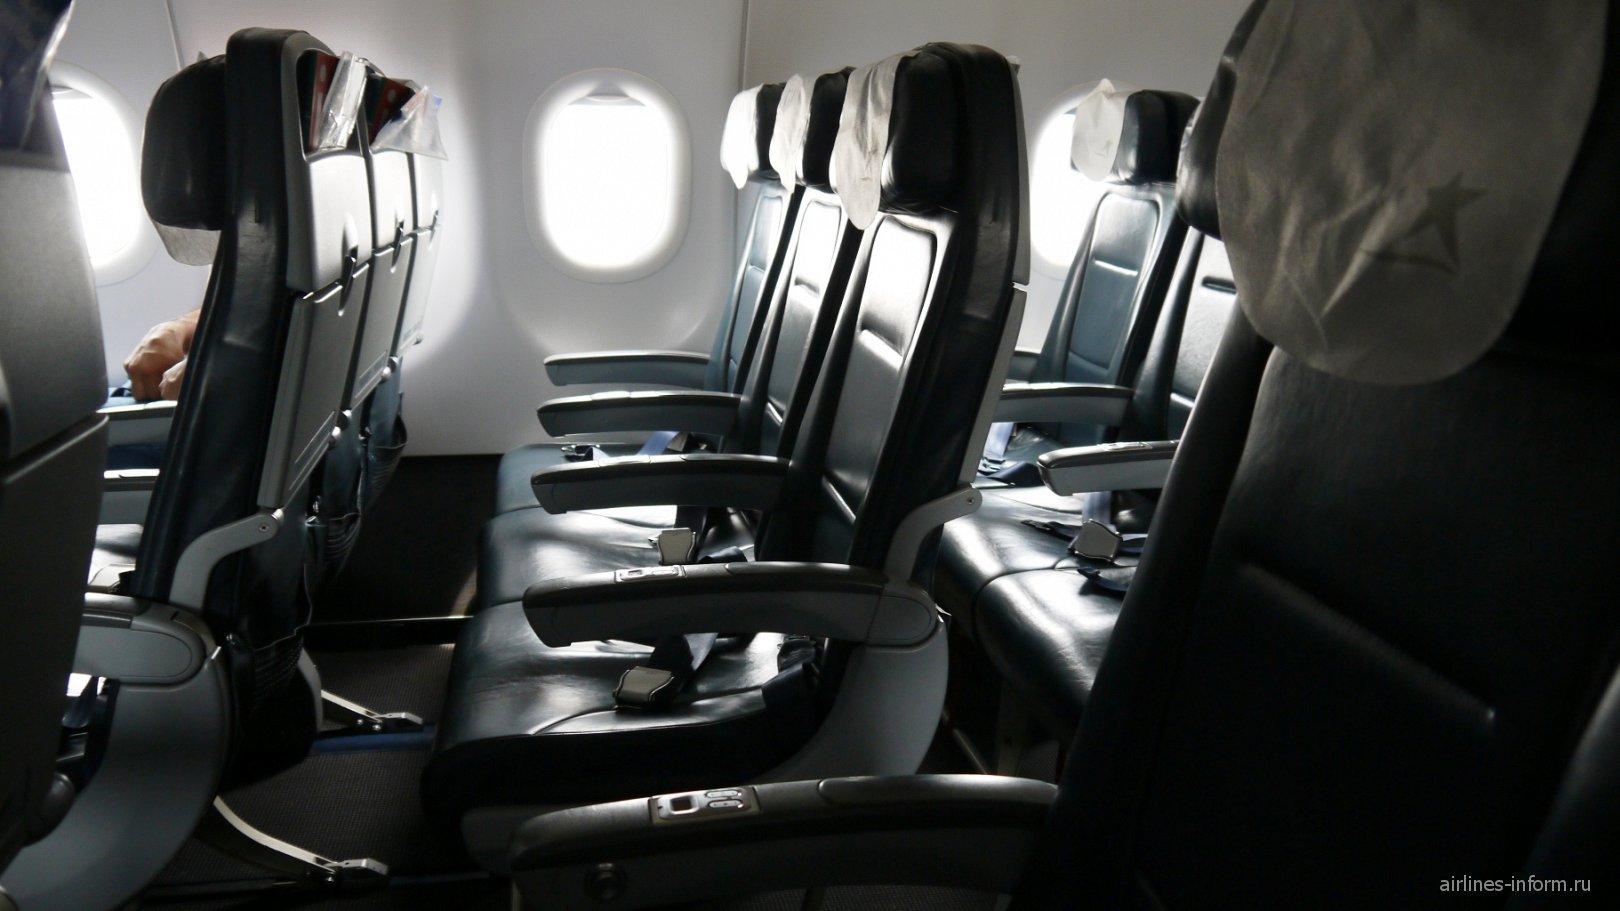 Пассажирские кресла в самолете Airbus A320 авиакомпании LAN